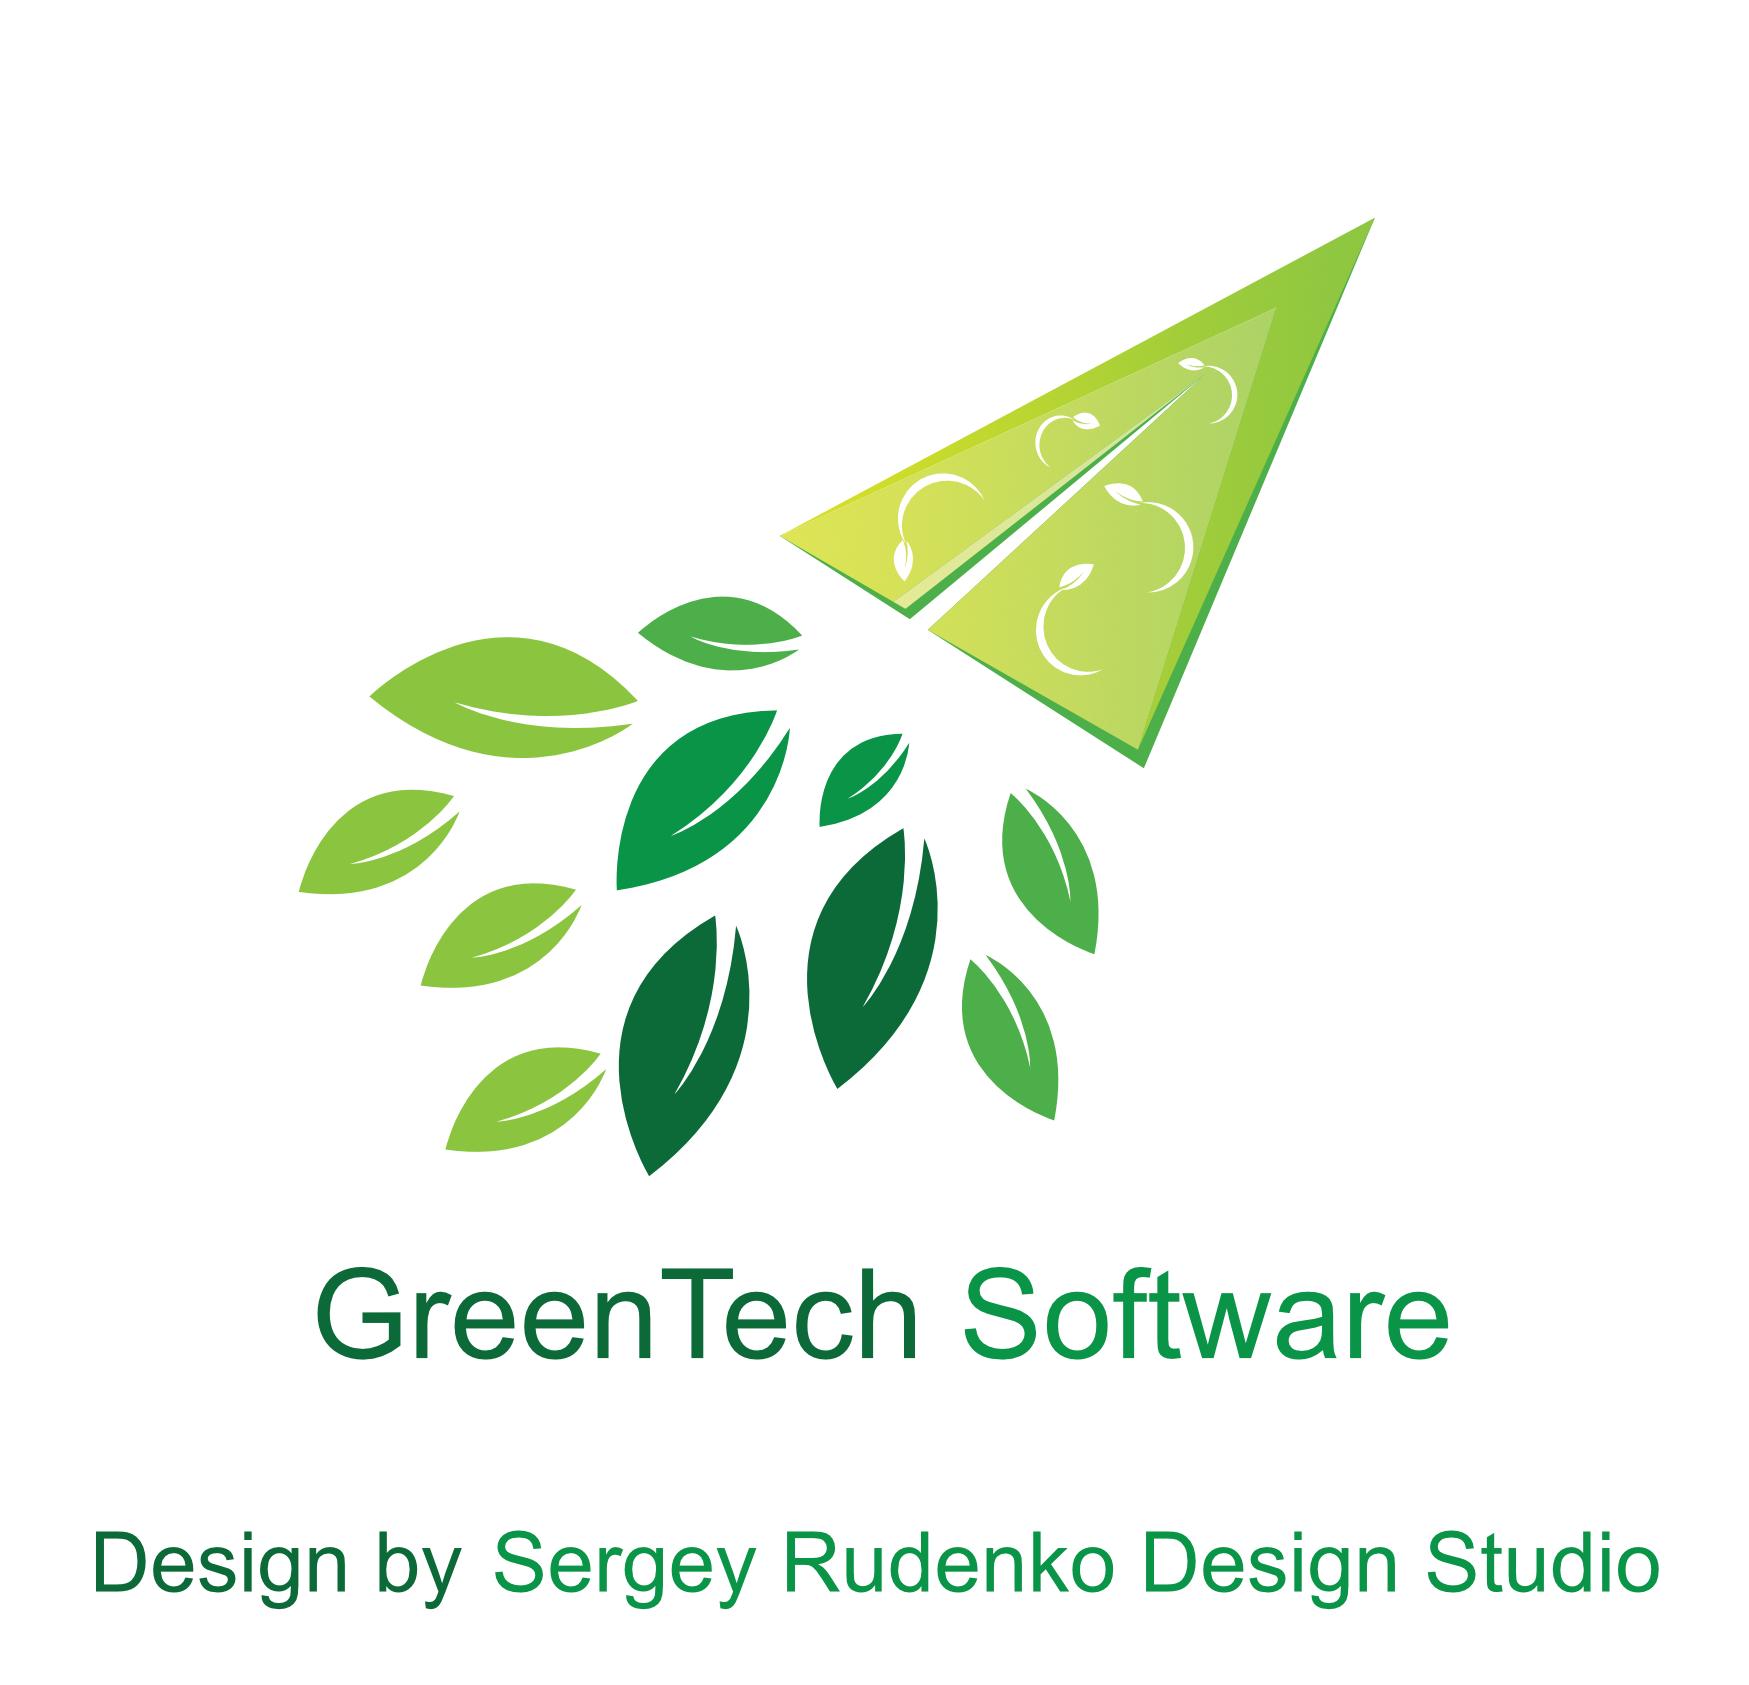 Логотип / иконка сервиса управления проектами / задачами фото f_17359772334d9be3.png